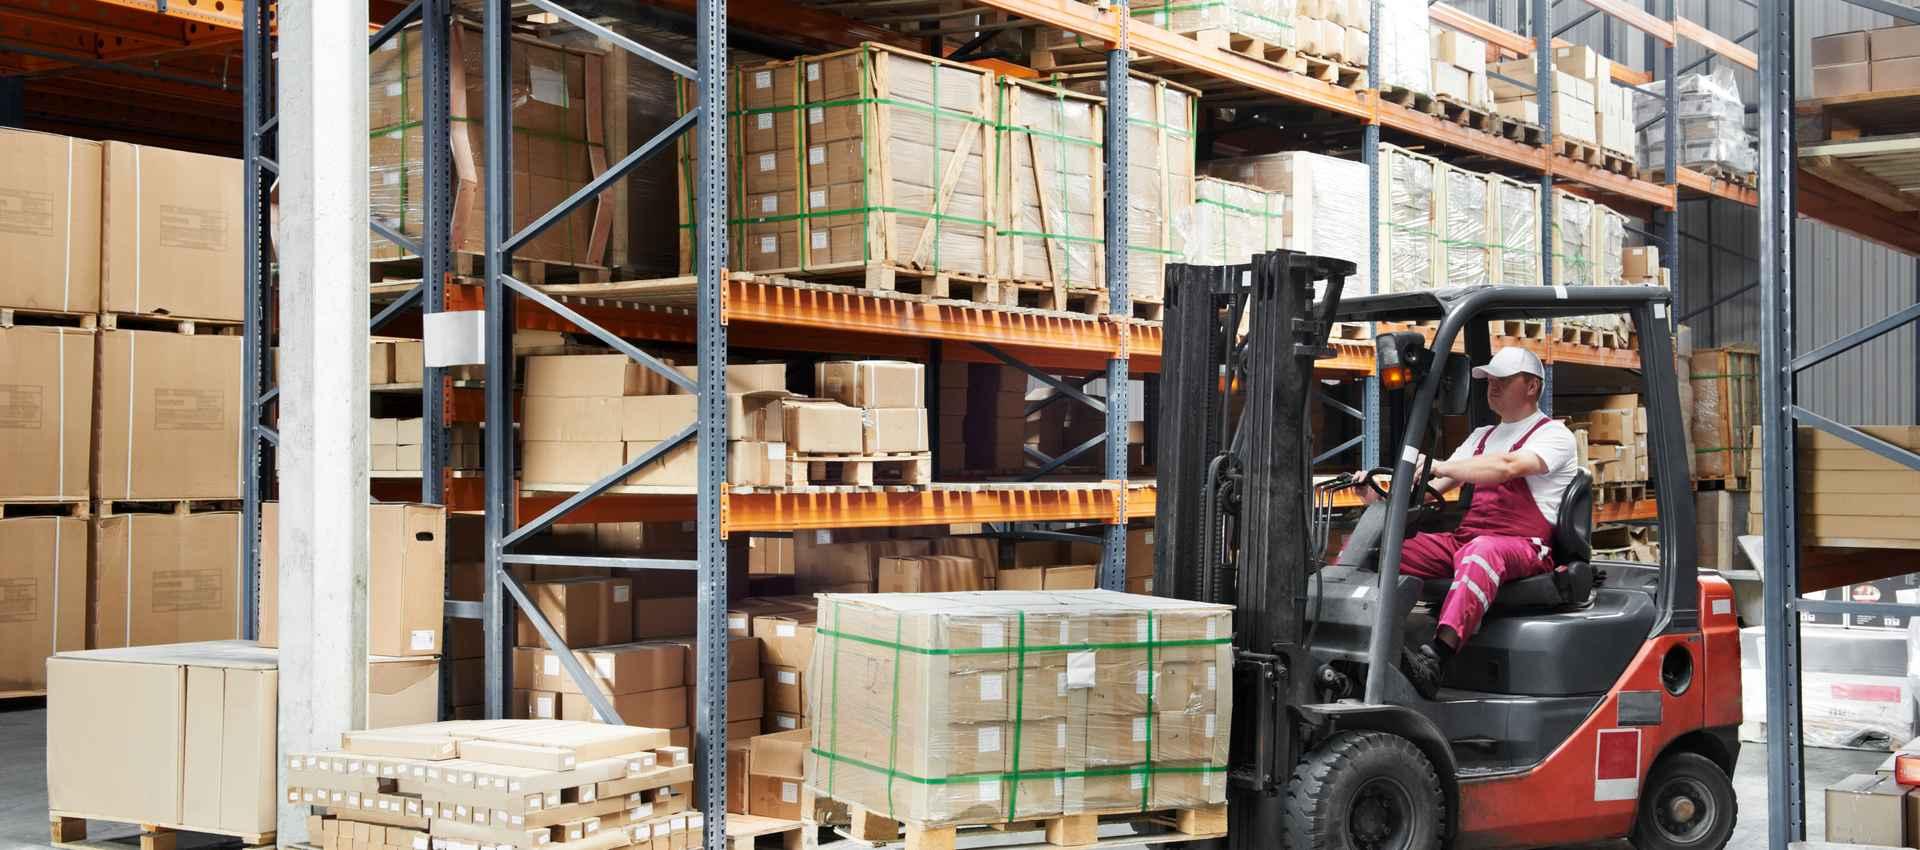 Warehouse Operations: Optimizing the Putaway Process